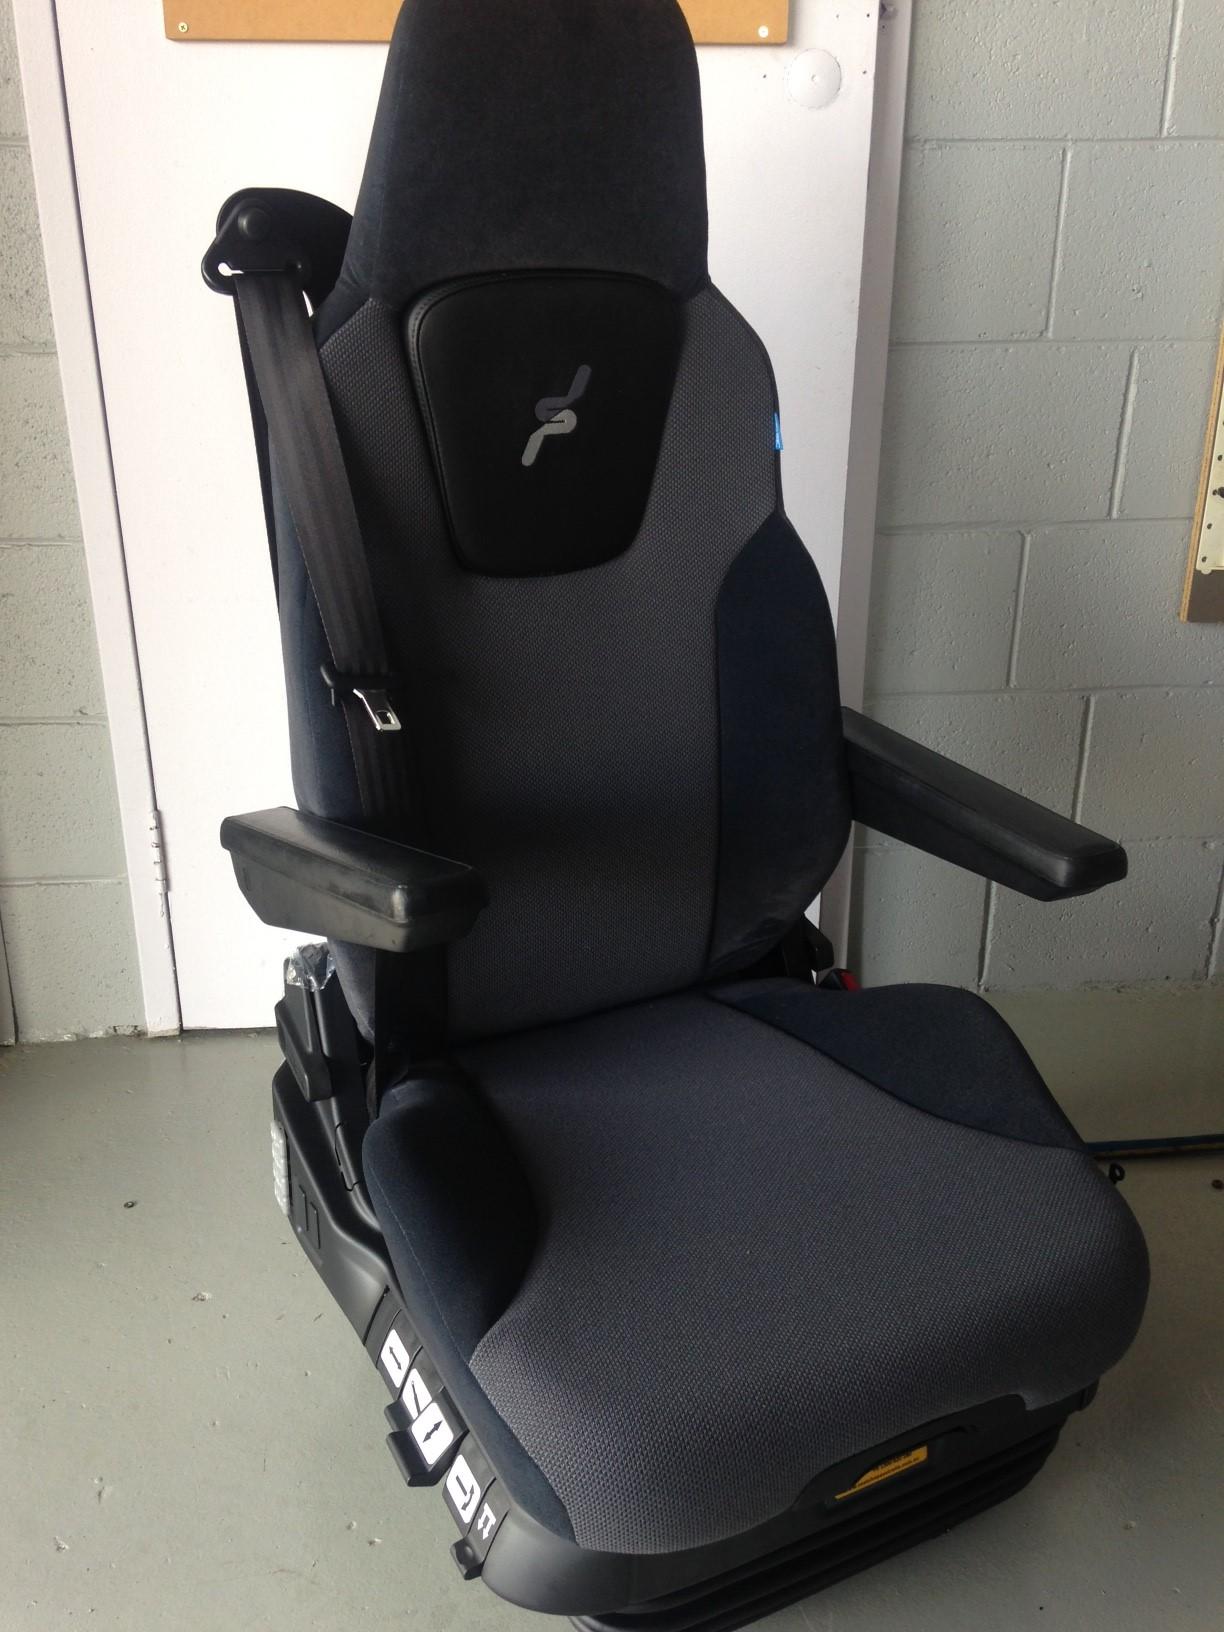 Truck Seating :: Volvo i-Shift Seat - Seat Shop Australia